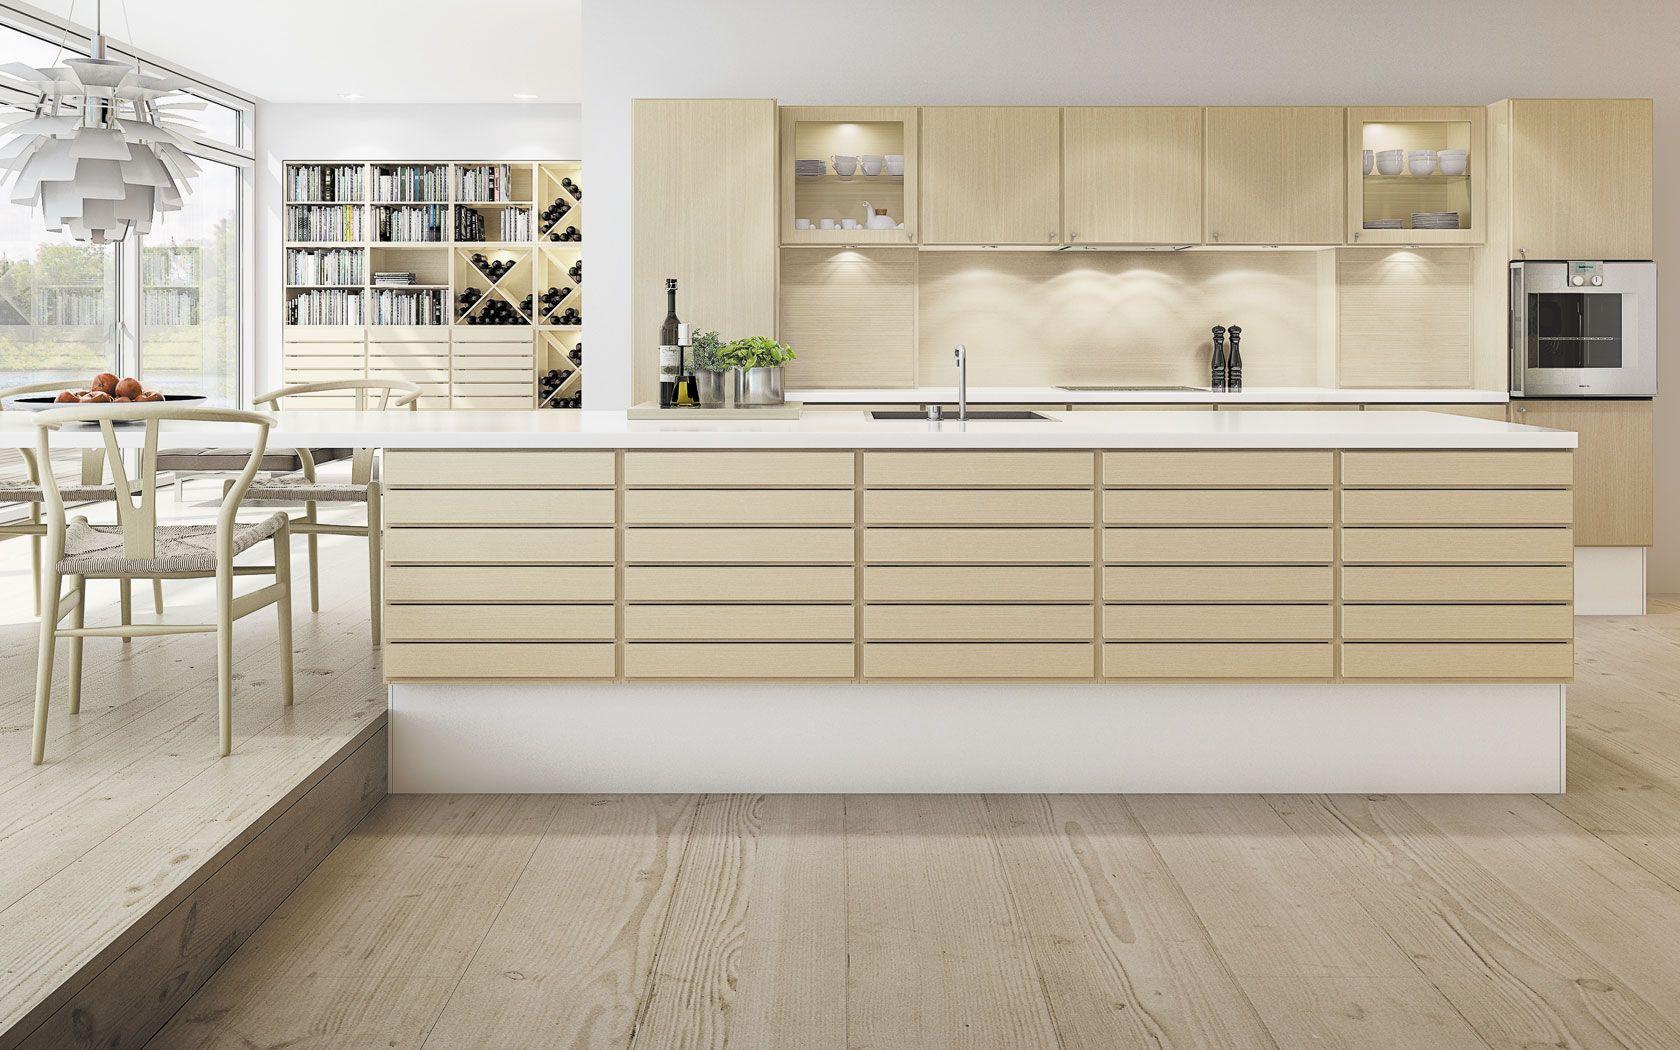 Multiform kitchen interior design pinterest kitchen kitchen